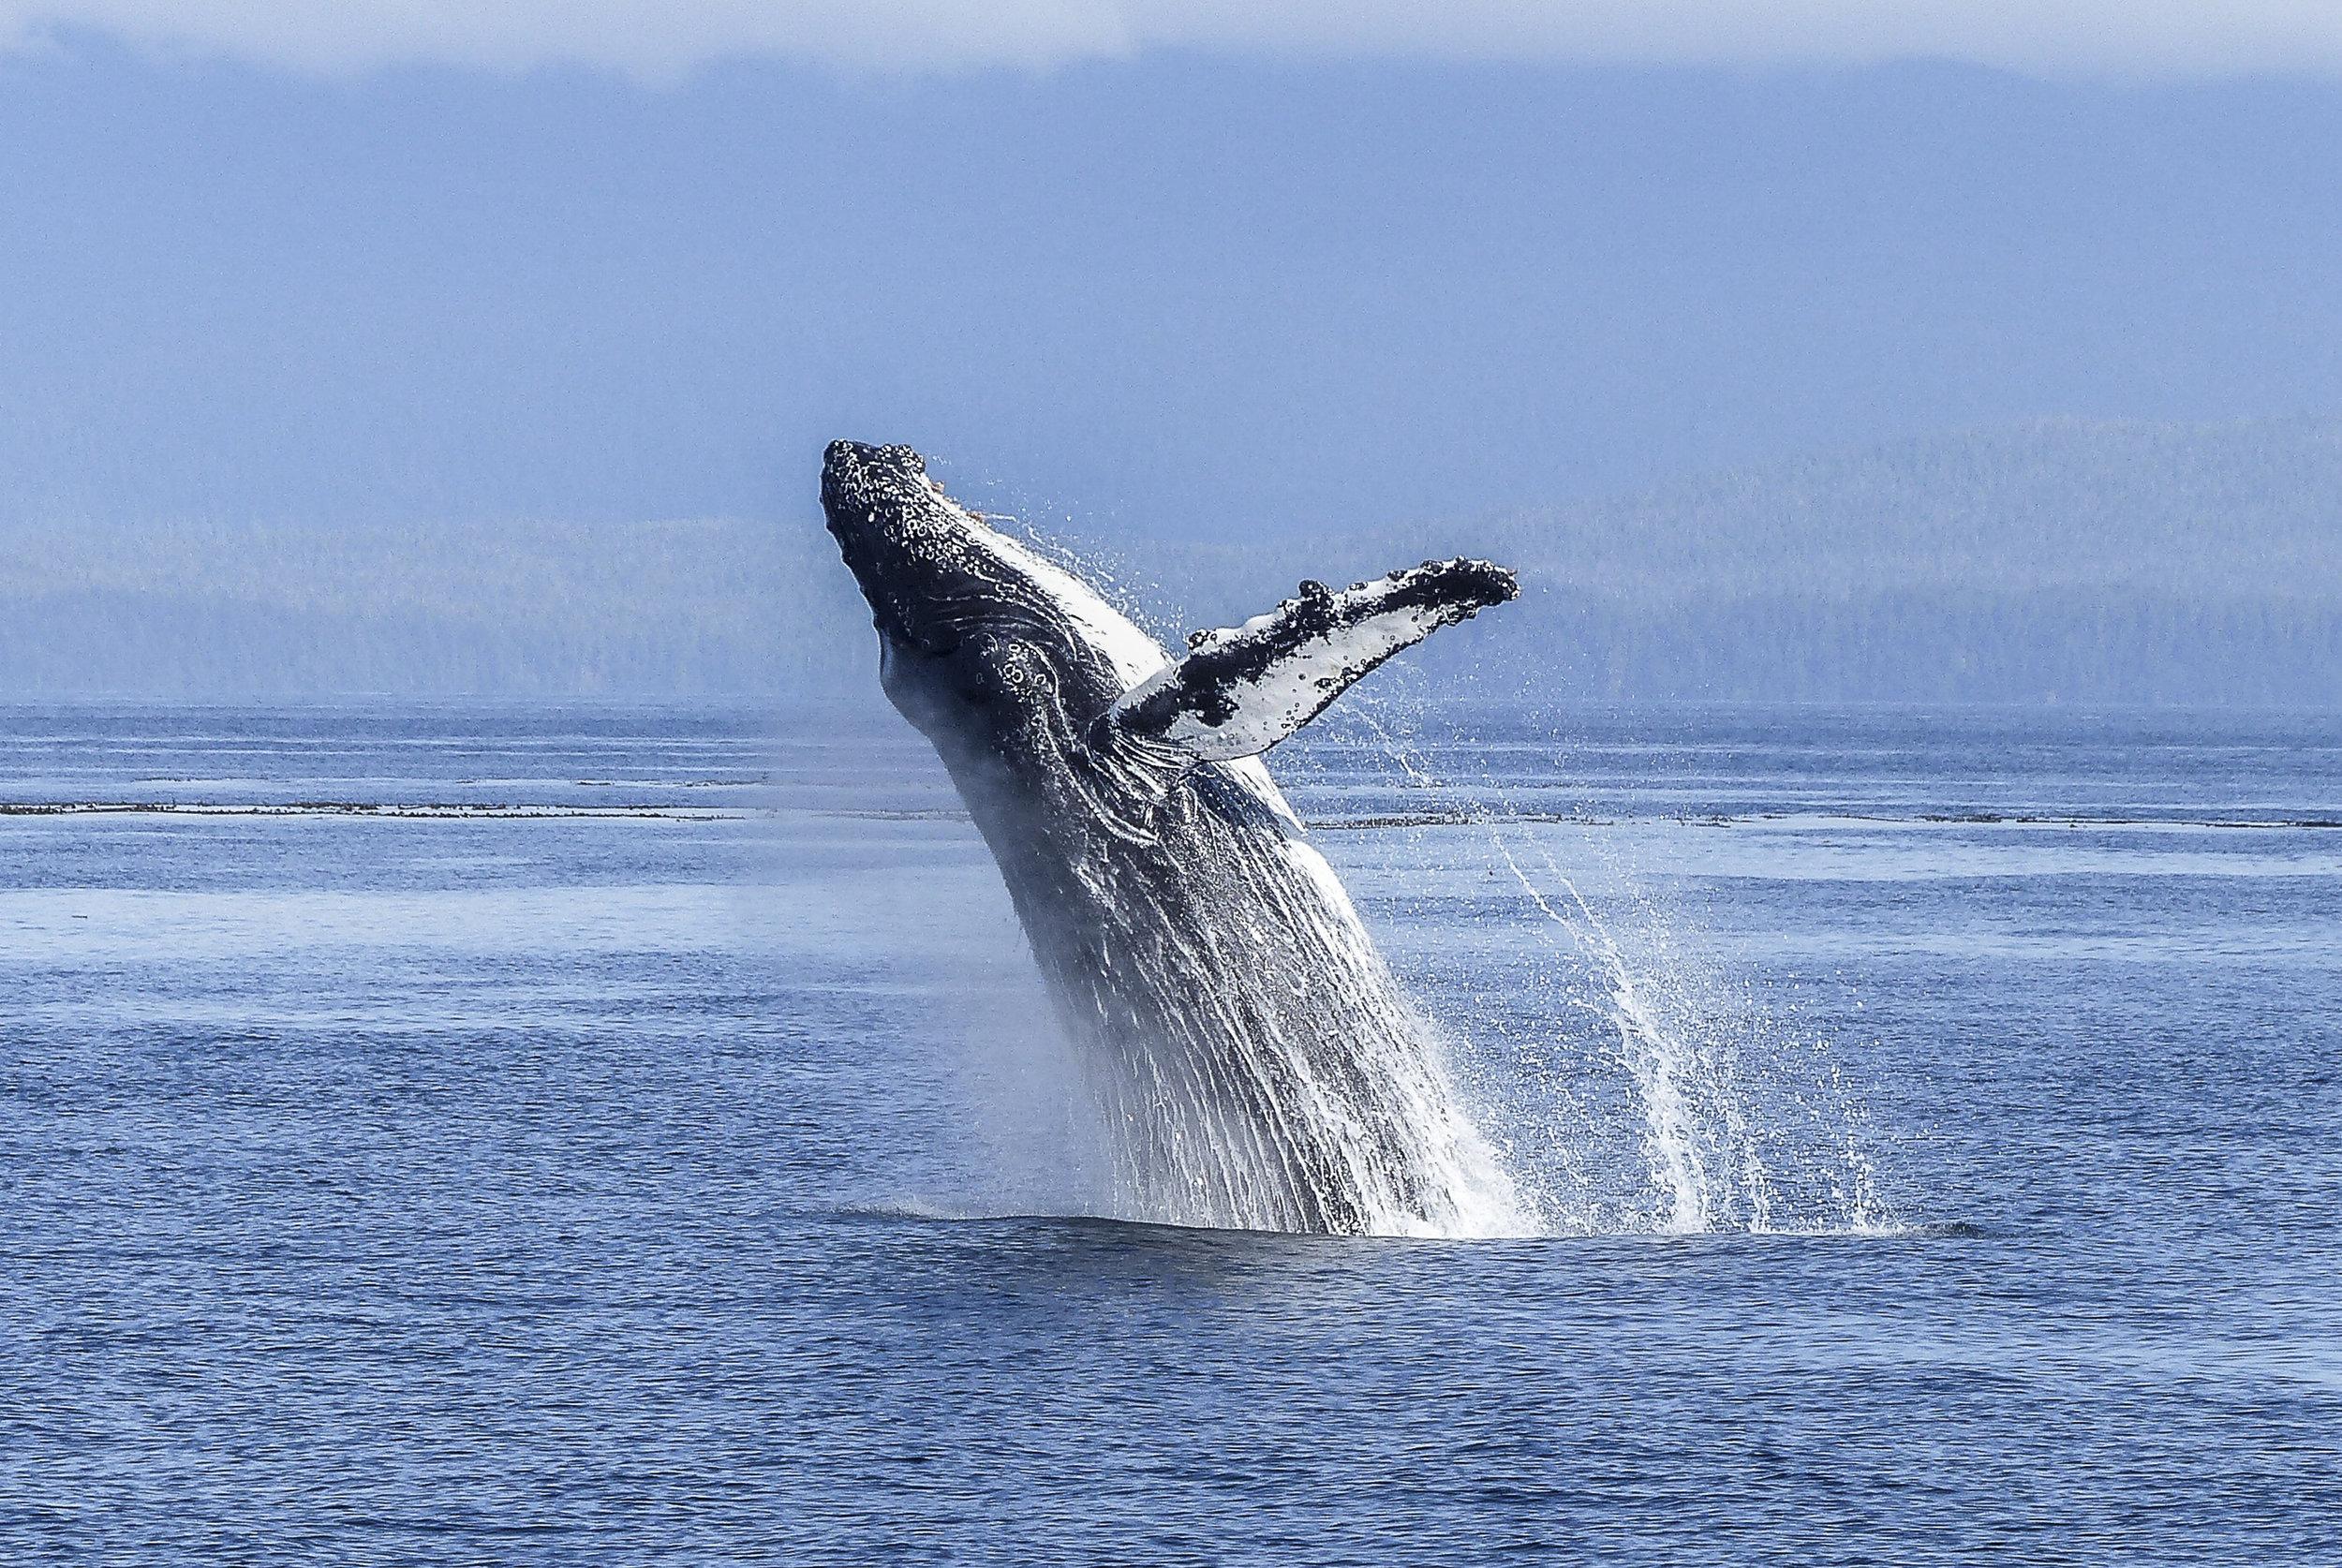 Whale_img2.jpg